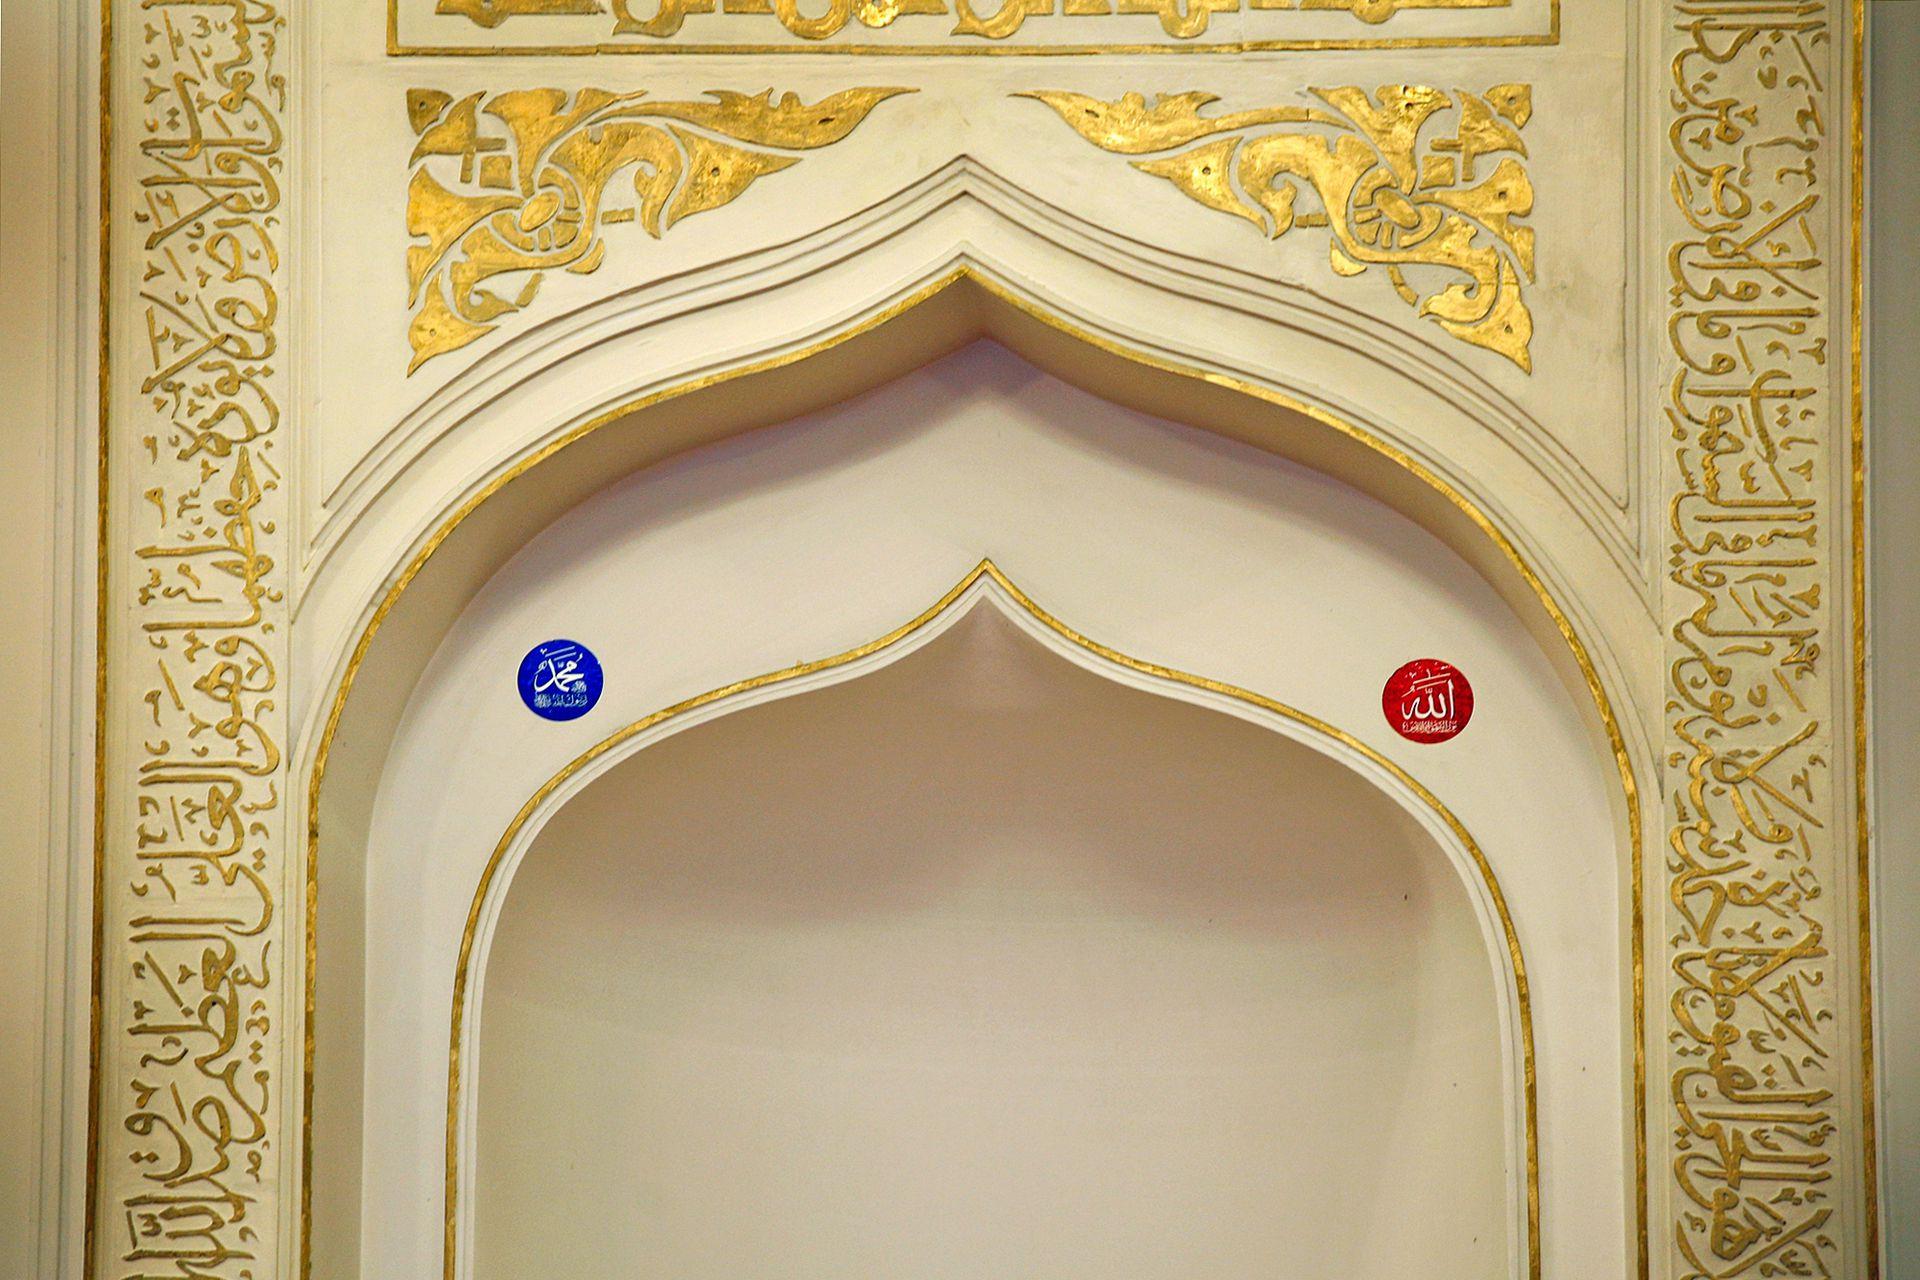 La ornamentación islámica está presente alrededor del mihrab, el nicho hacia donde deben dirigir su mirada los fieles en los momentos de oración